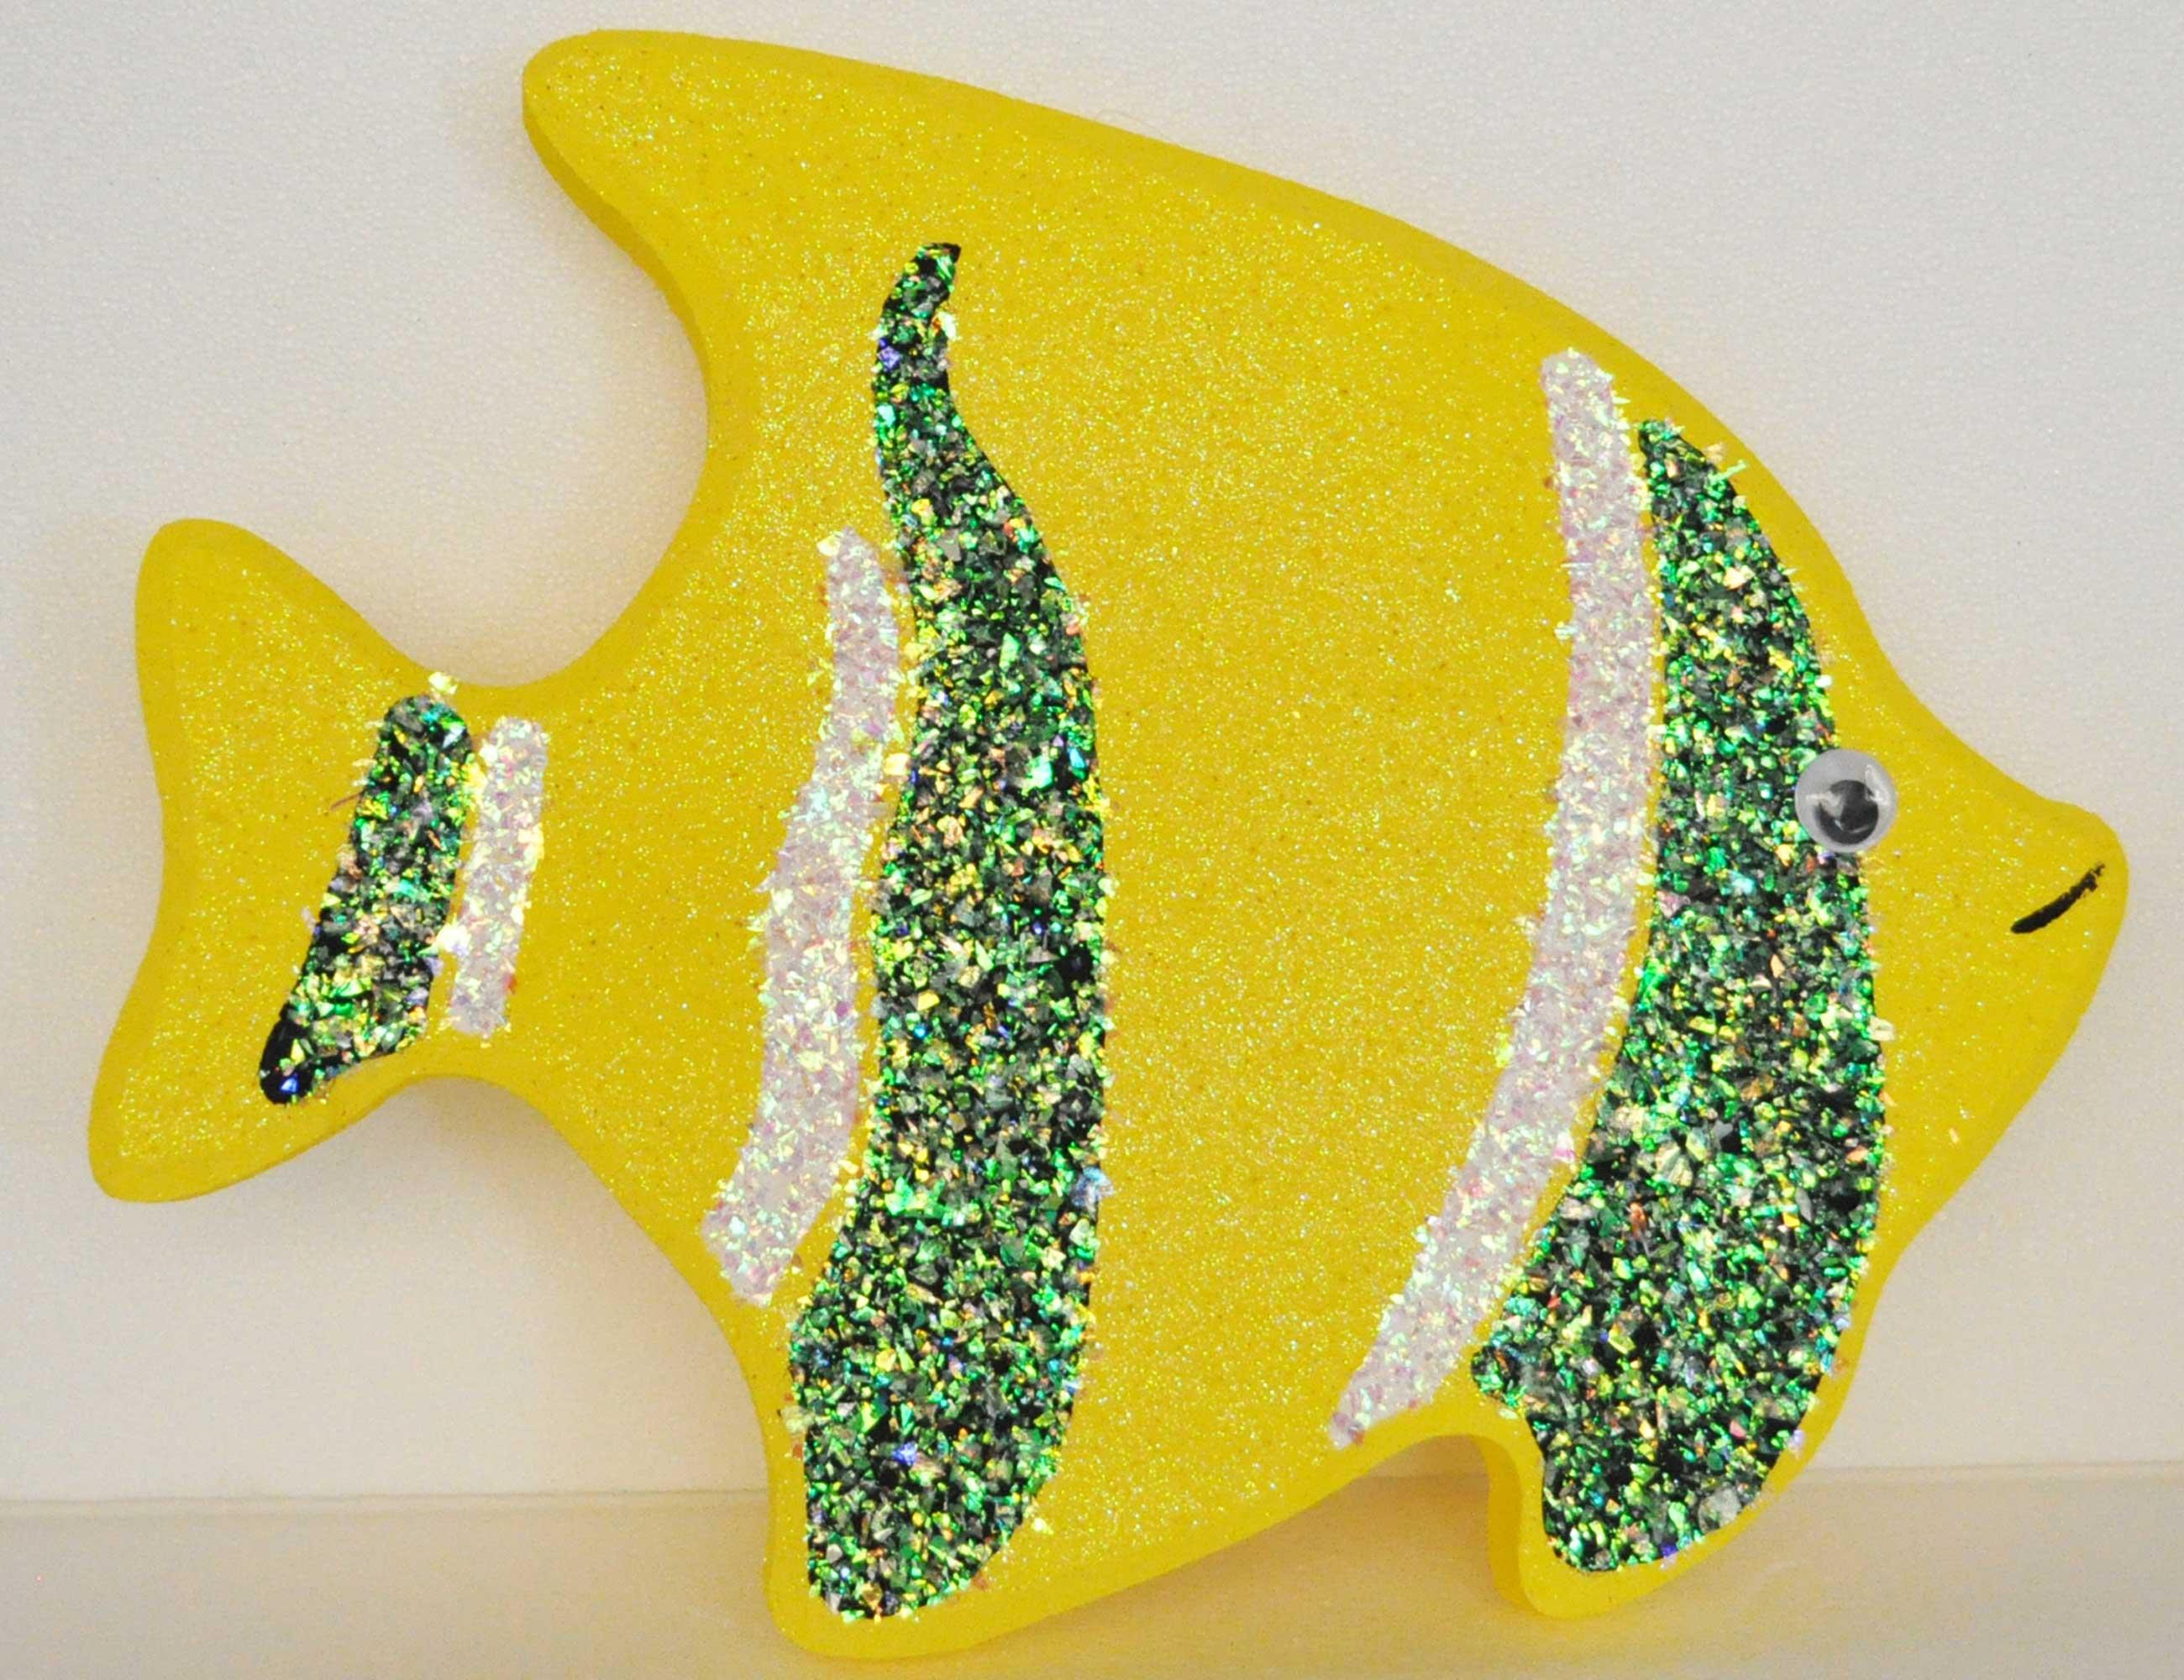 pesce mare estate vendita shop online decorazioni allestimento vetrine eventi feste party